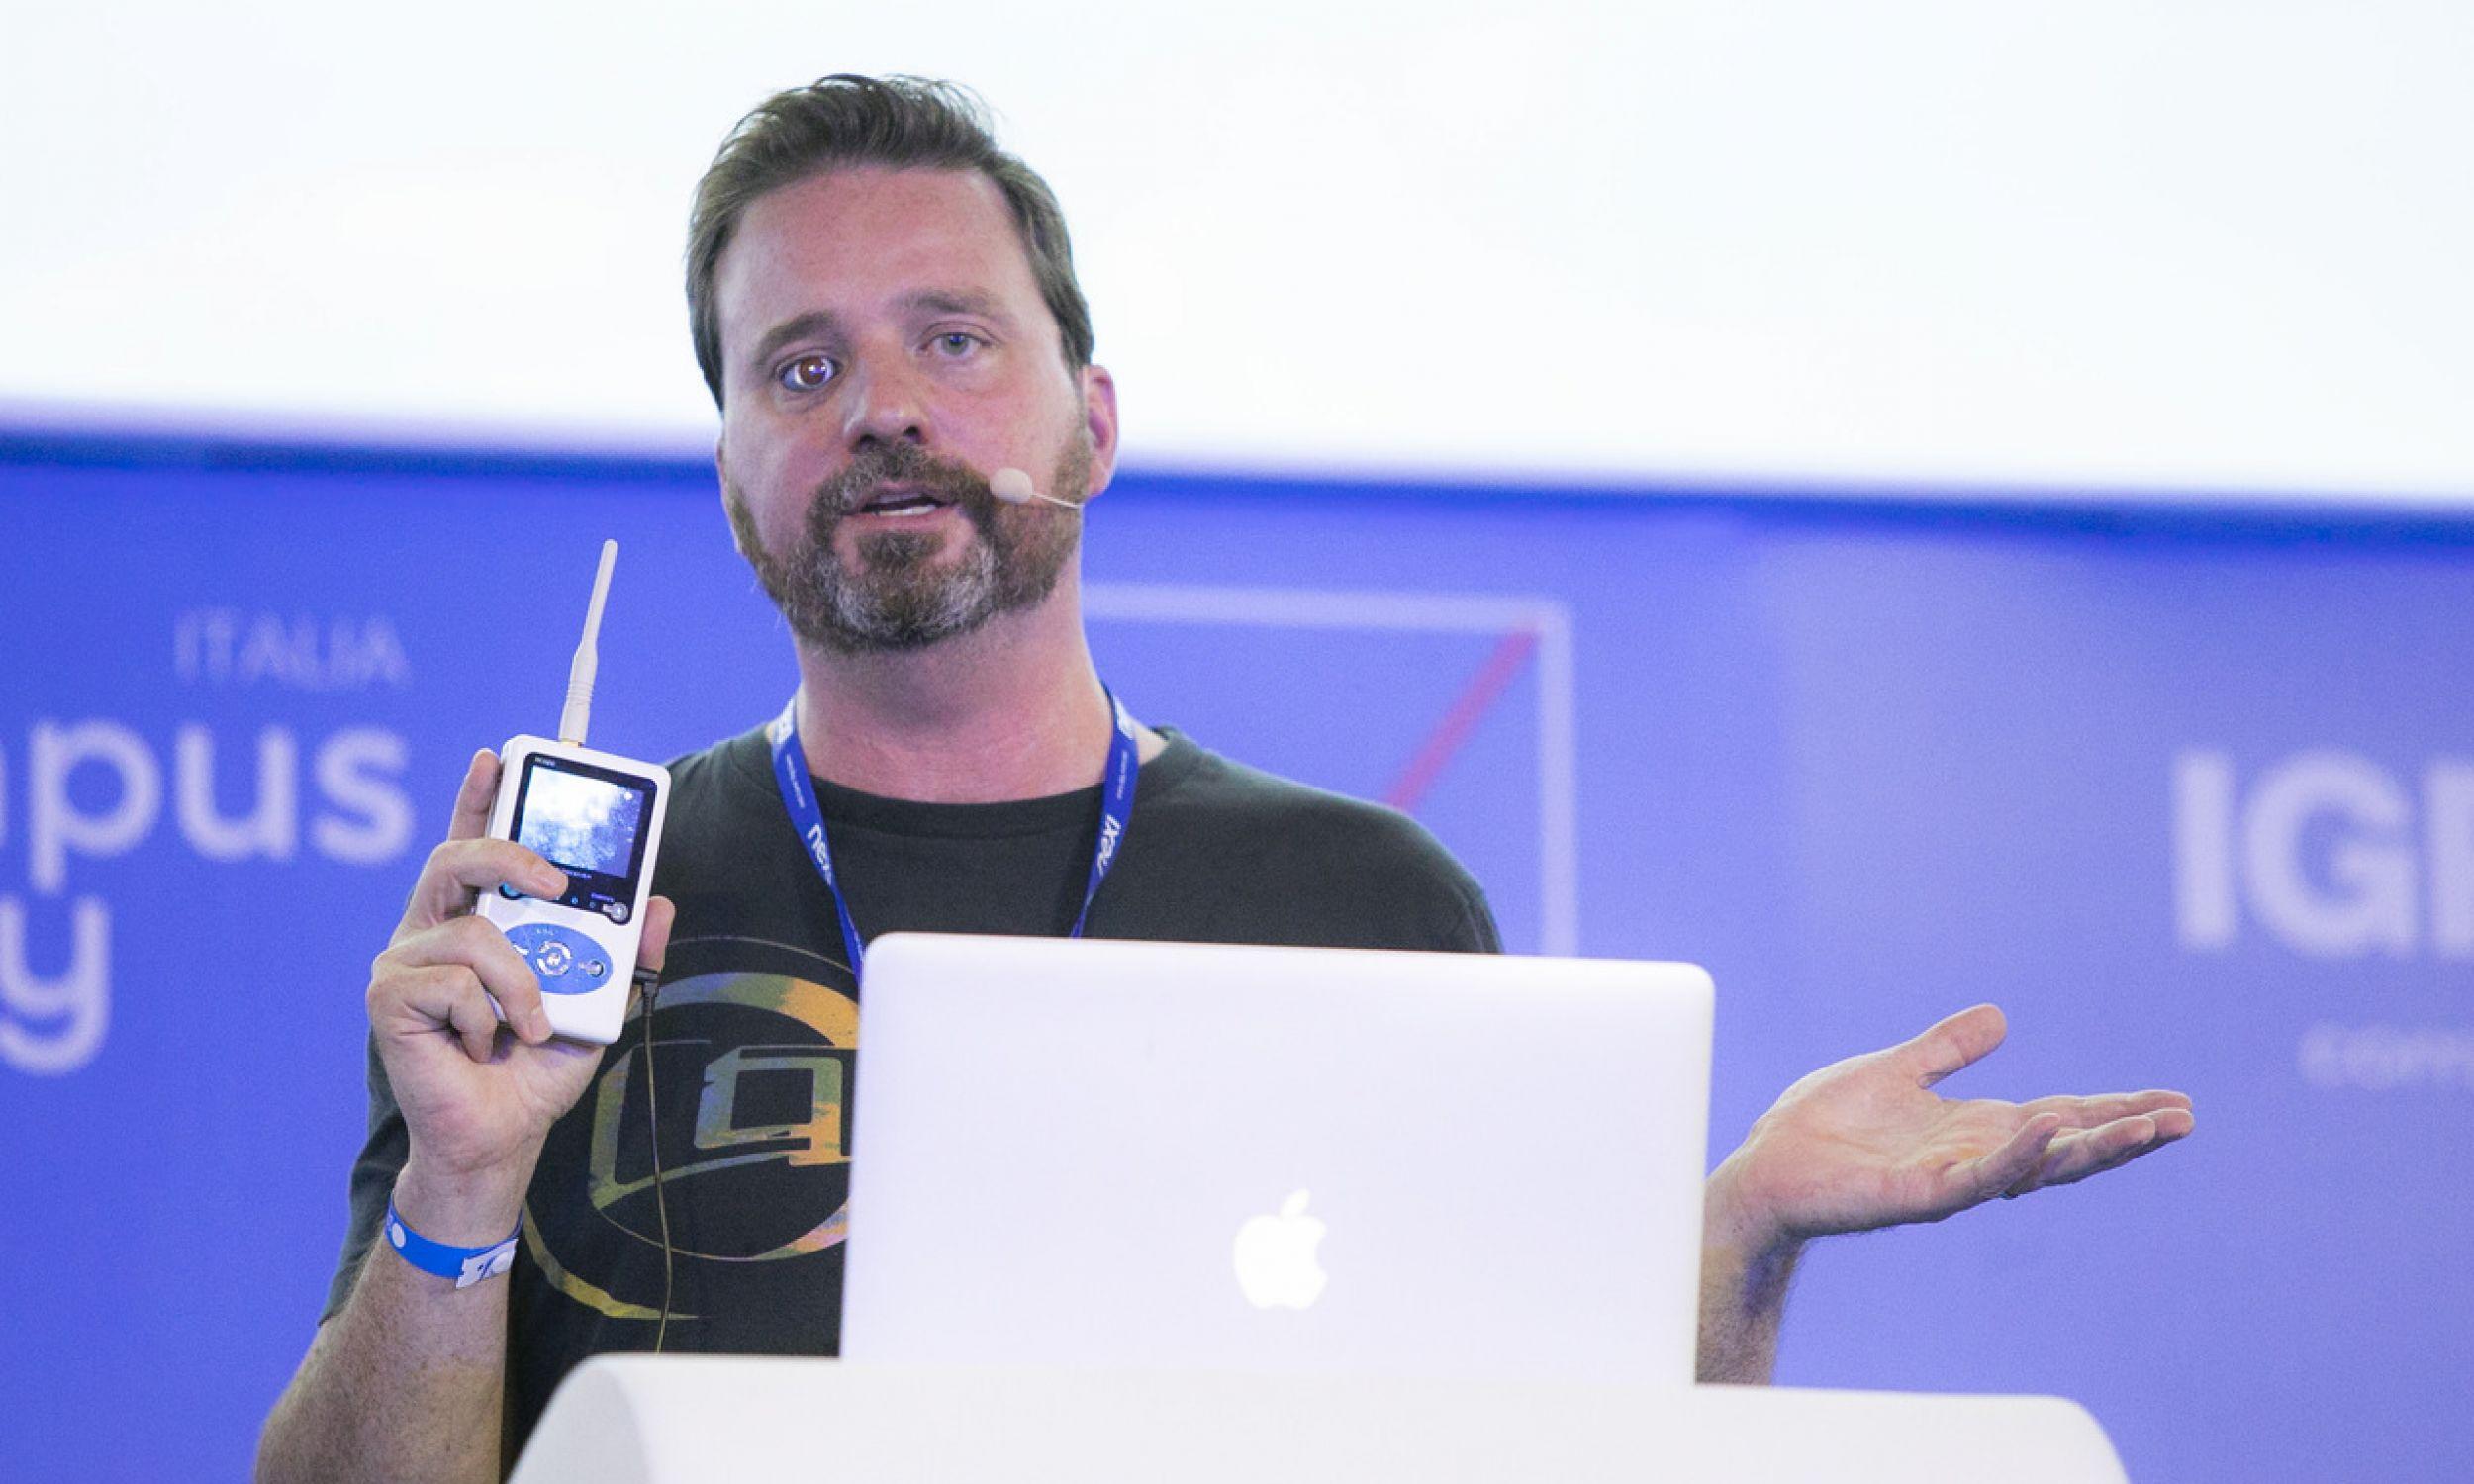 Eyeborg – jednooki filmowiec Rob Spence podczas wykładu na Campus Party w 2018 r. w Mediolanie pokazywał, jak funkcjonuje jego proteza oka. Fot. Rosdiana Ciaravolo/Getty Images